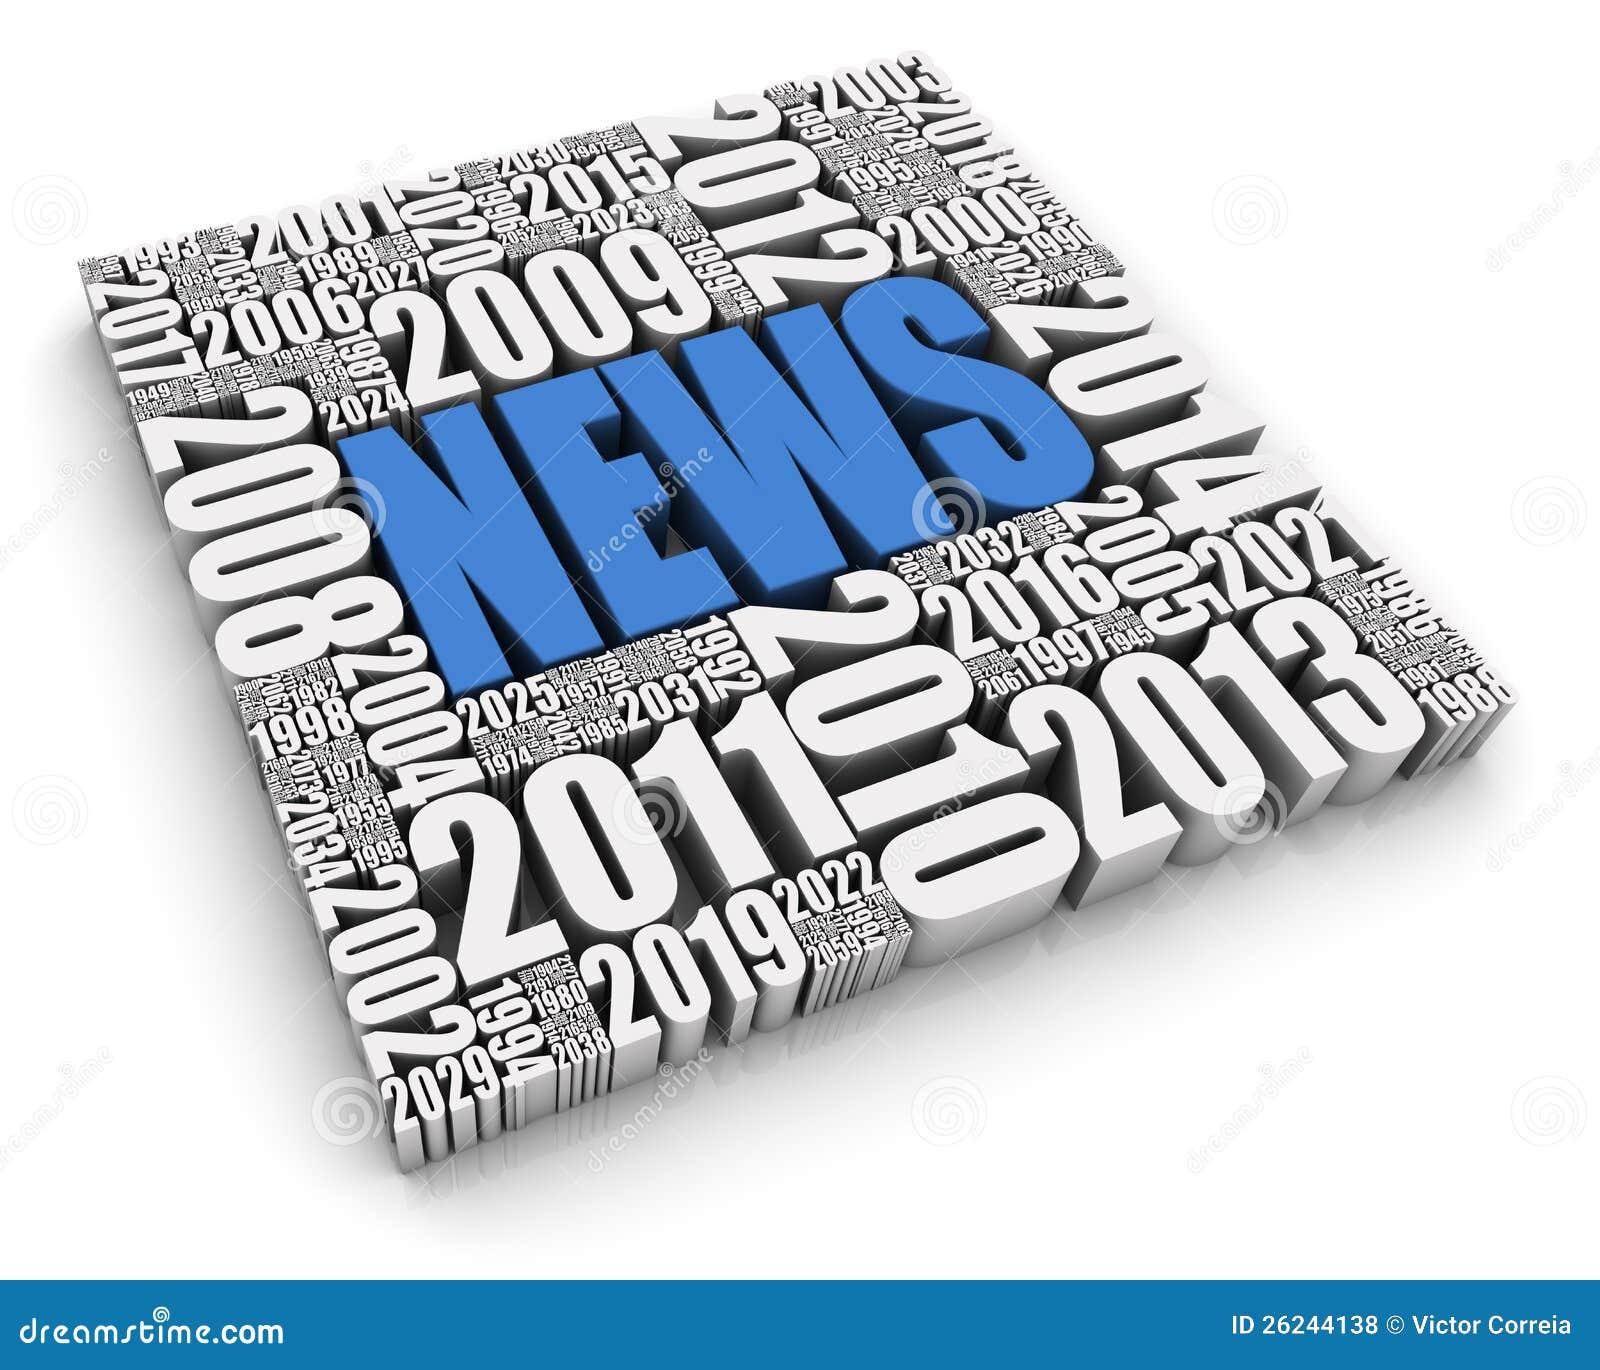 Acontecimientos de noticias anuales